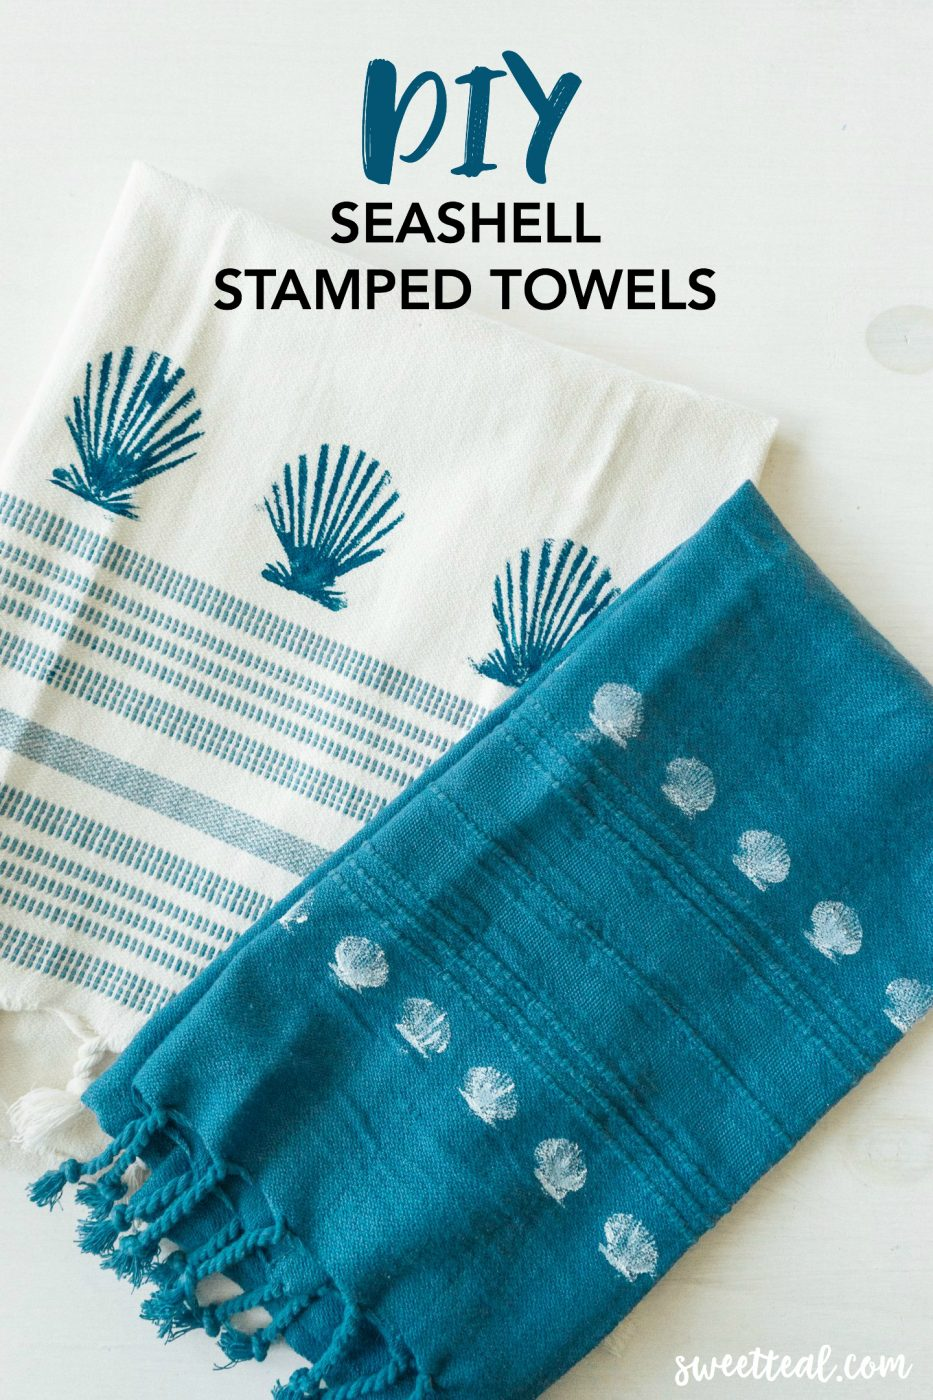 DIY Seashell Stamped Towels by Sweet Teal